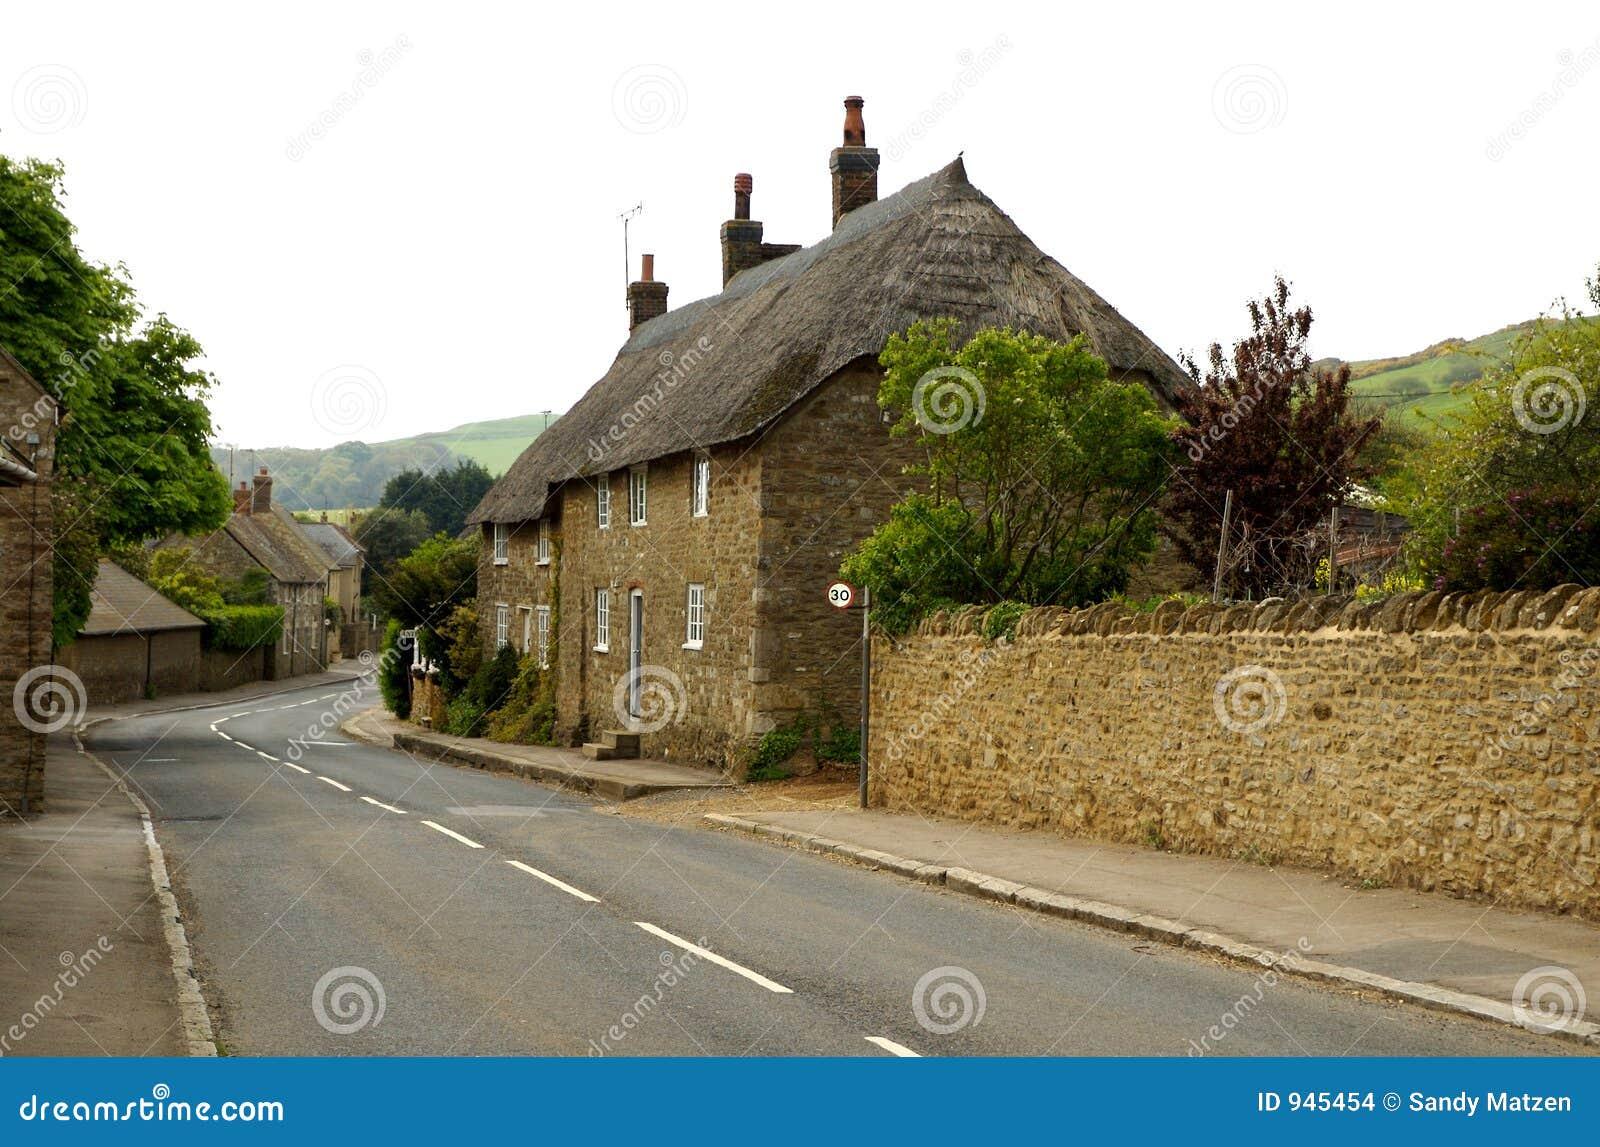 La azotea inglesa cubrió con paja la cabaña